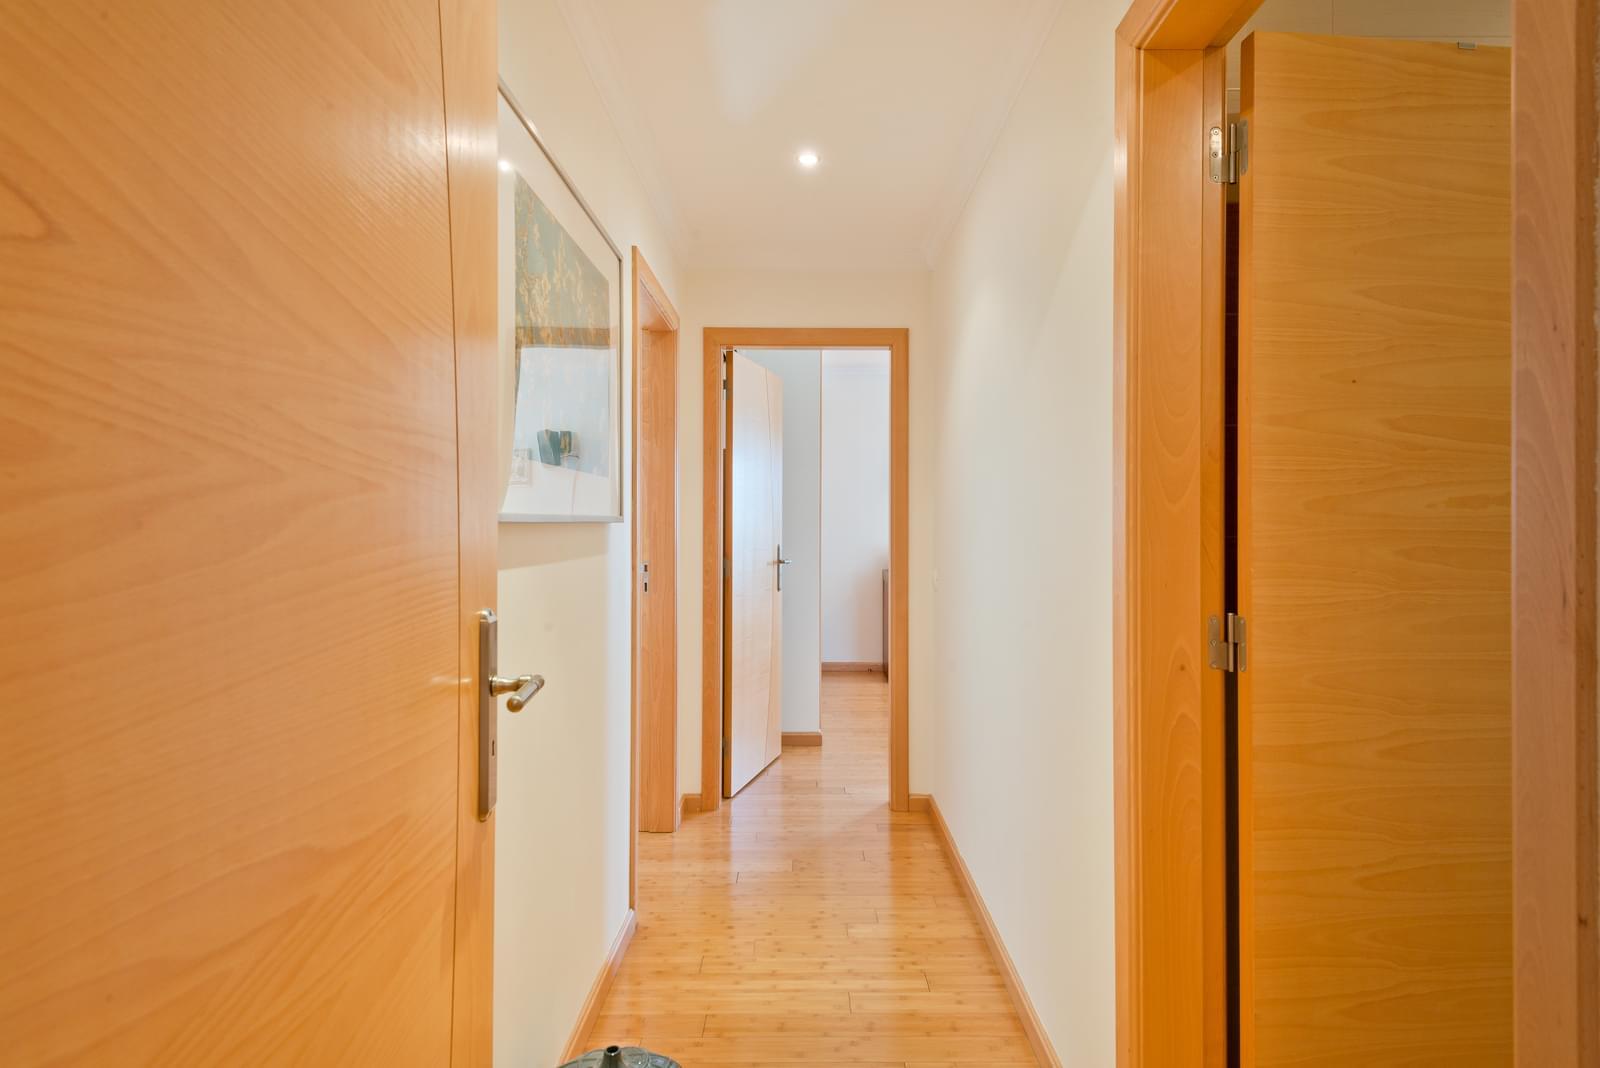 pf17498-apartamento-t2-cascais-bd750e11-5400-4215-877c-85cc9a03587c